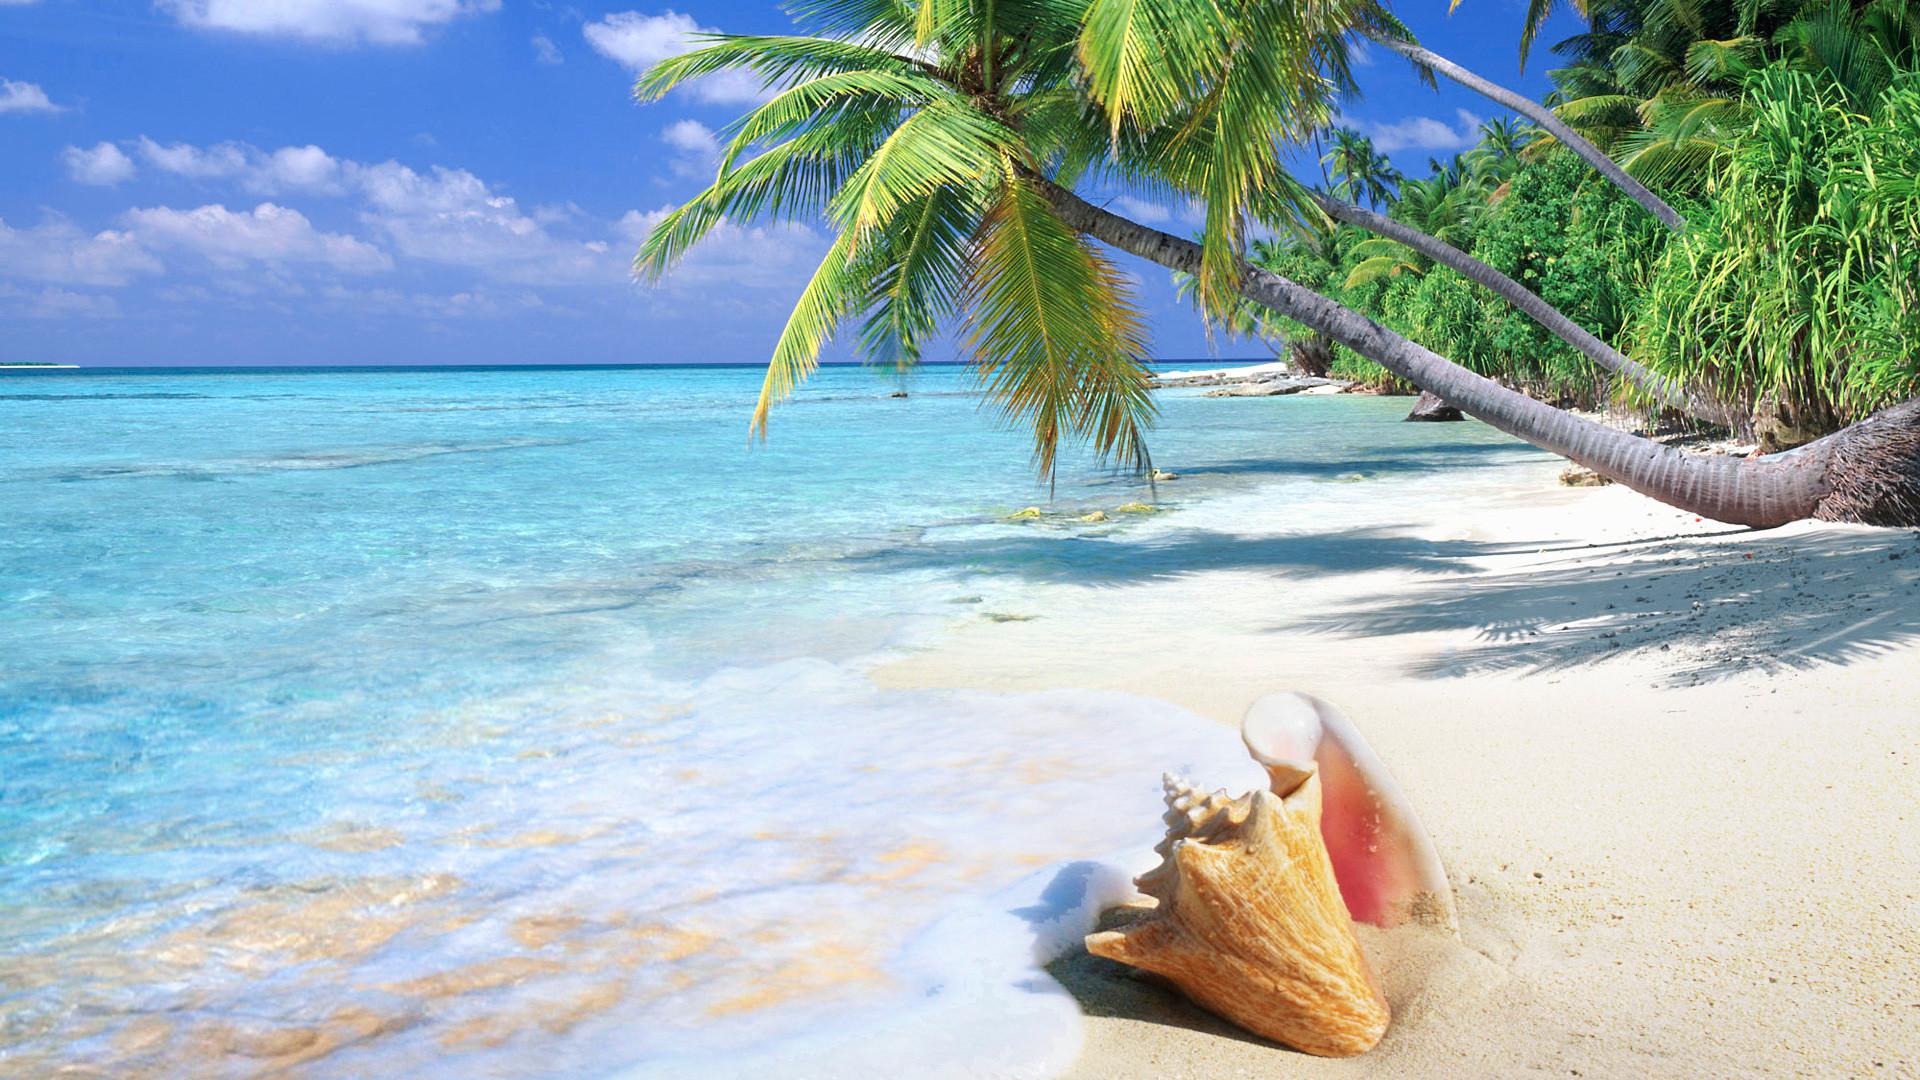 Florida Beach Wallpaper Desktop